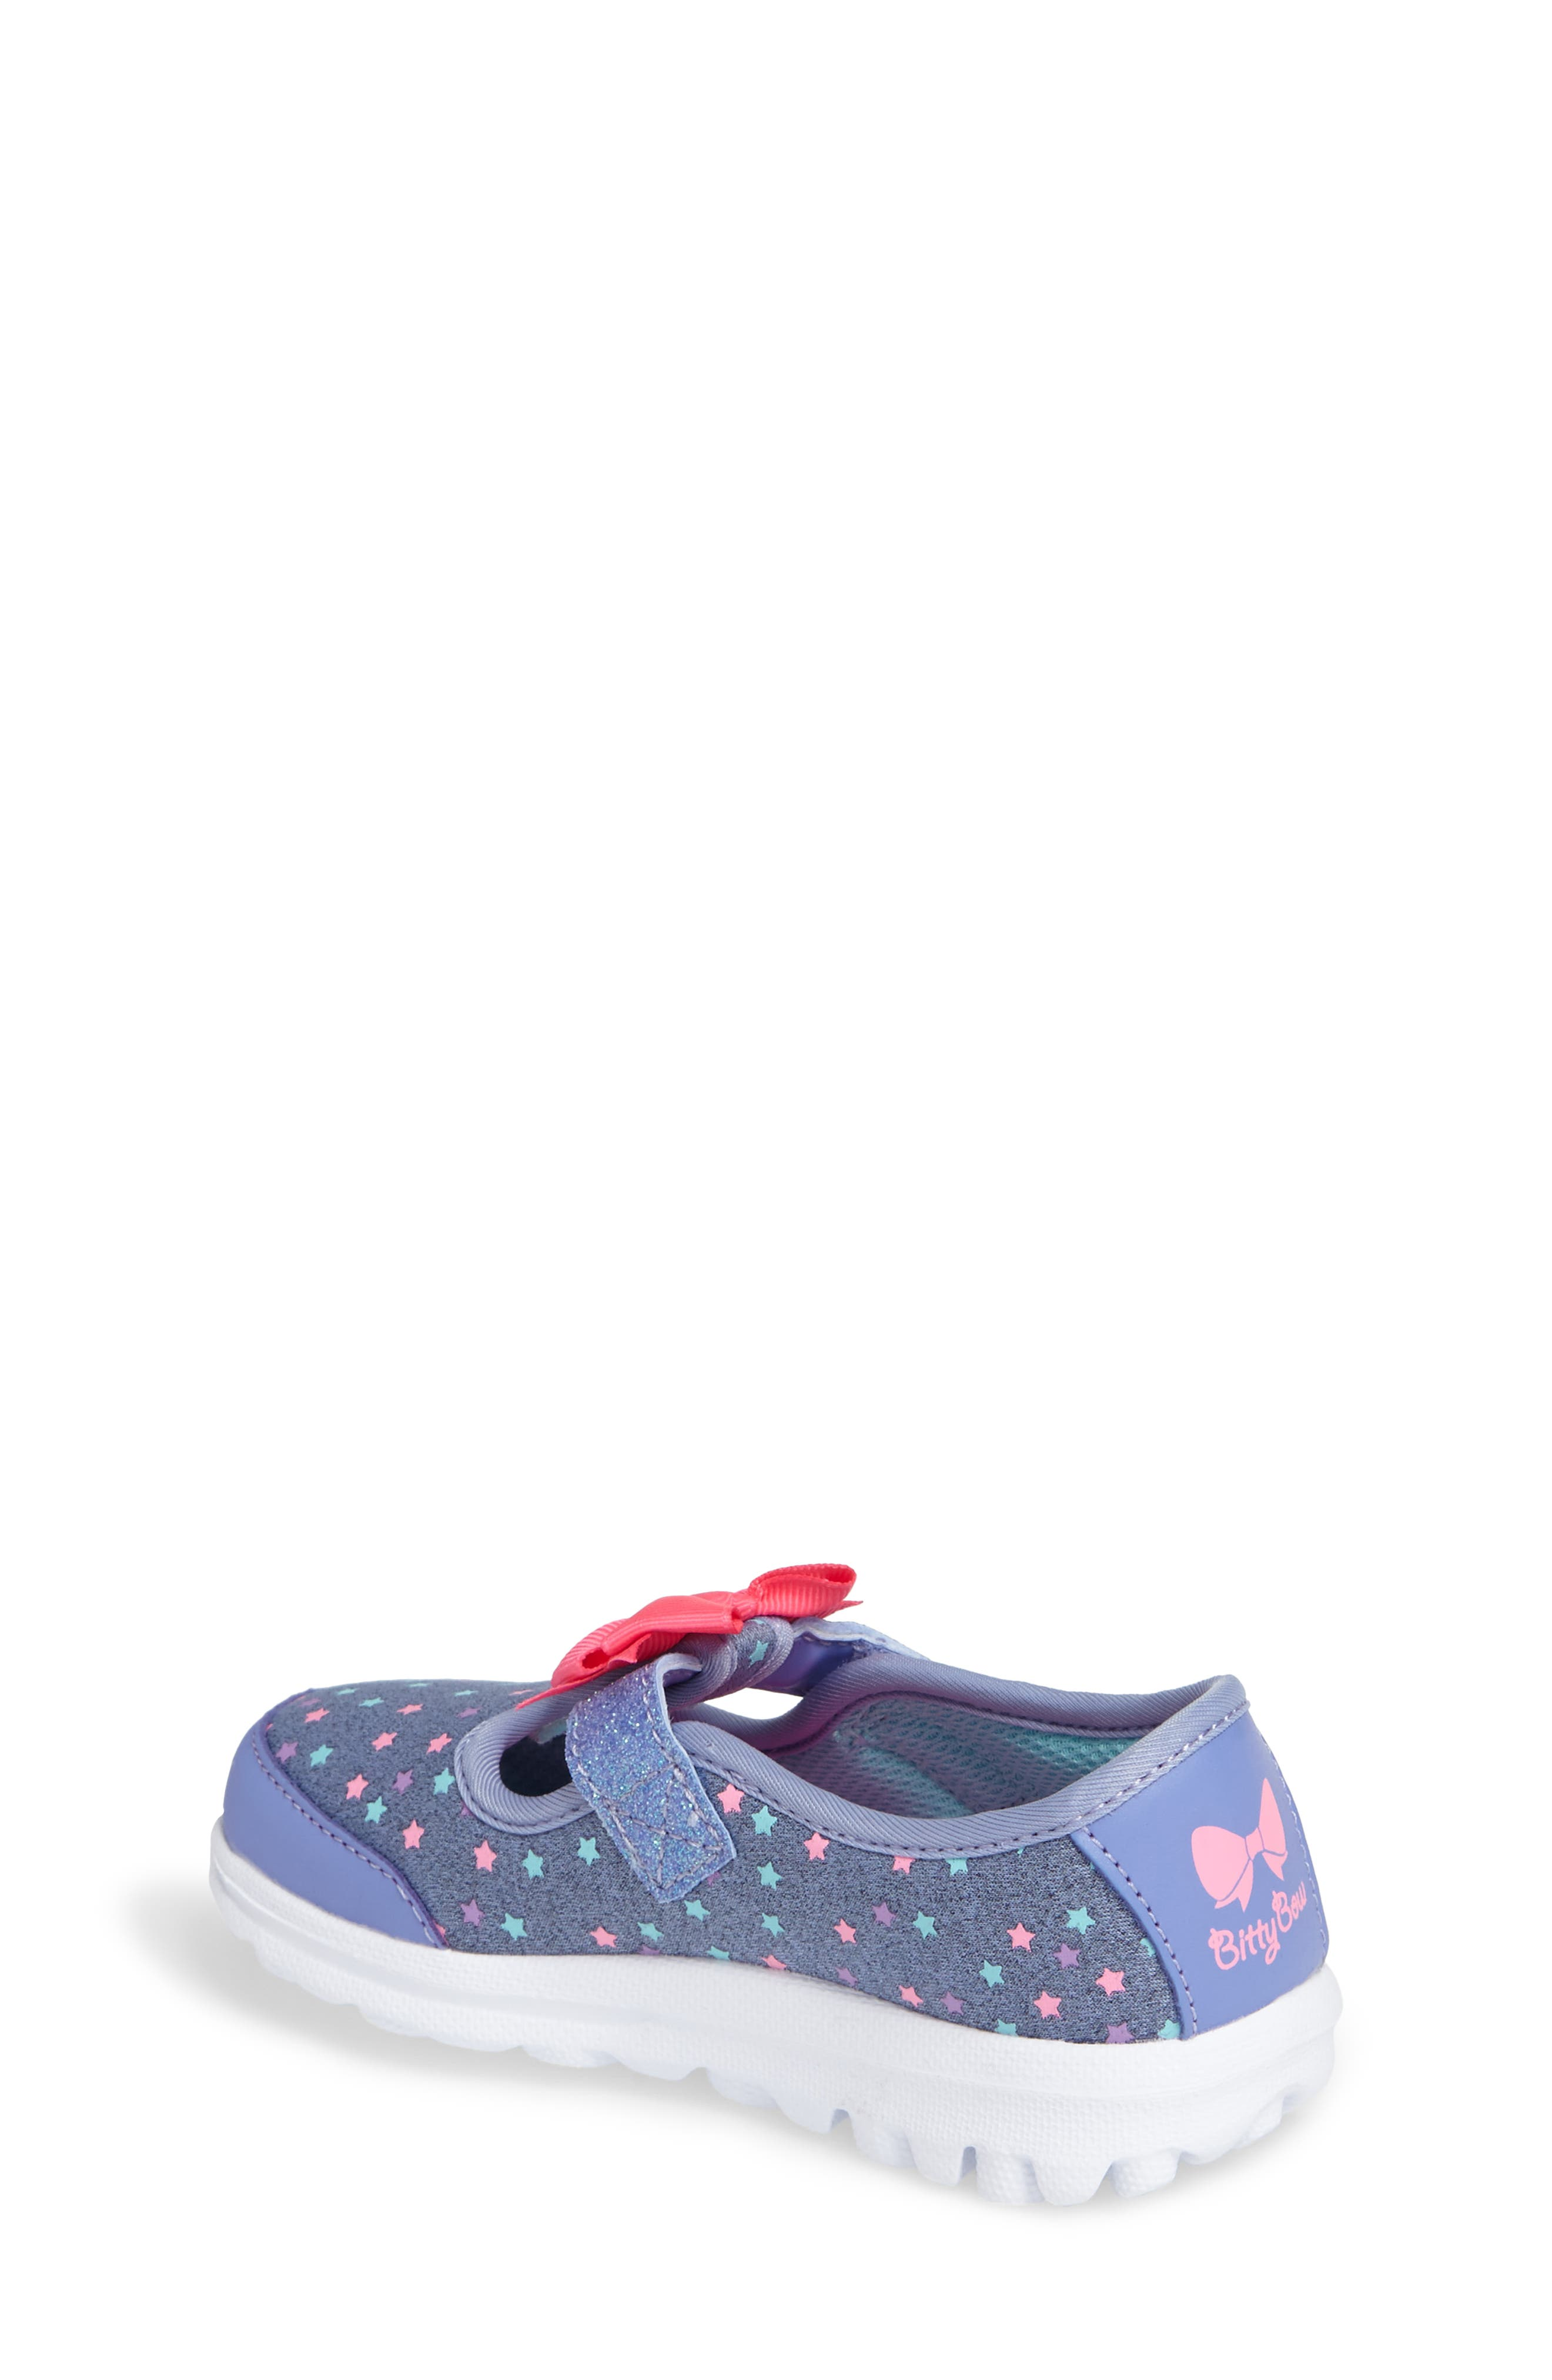 Alternate Image 2  - SKECHERS Go Walk Slip-On Sneaker (Baby, Walker, Toddler & Little Kid)